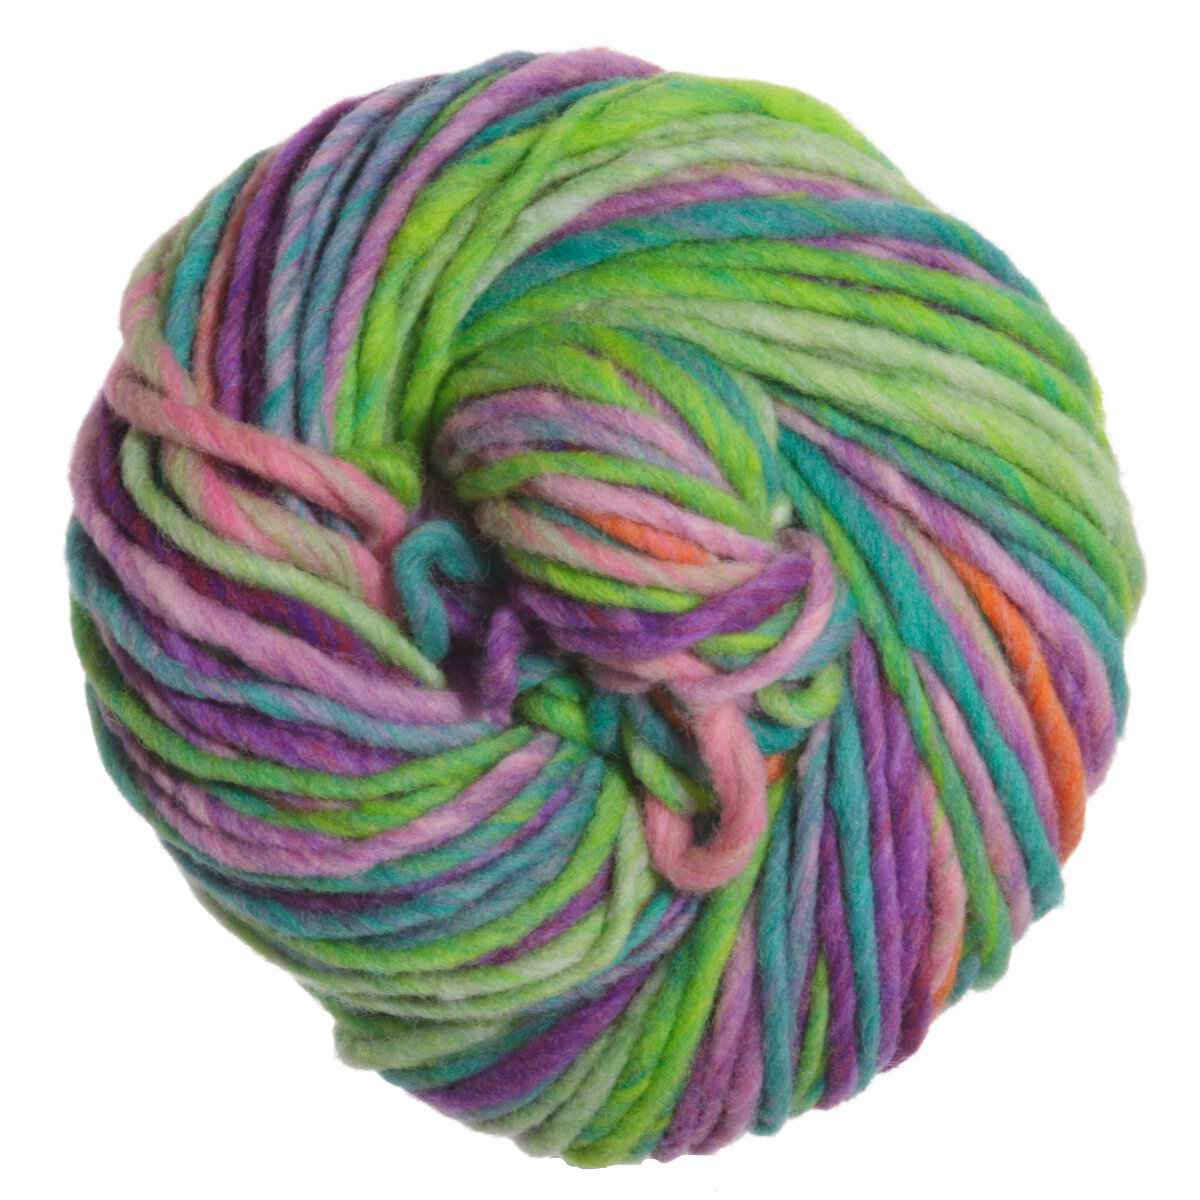 Noro Yarn : Noro Kureyon Air Yarn at Jimmy Beans Wool